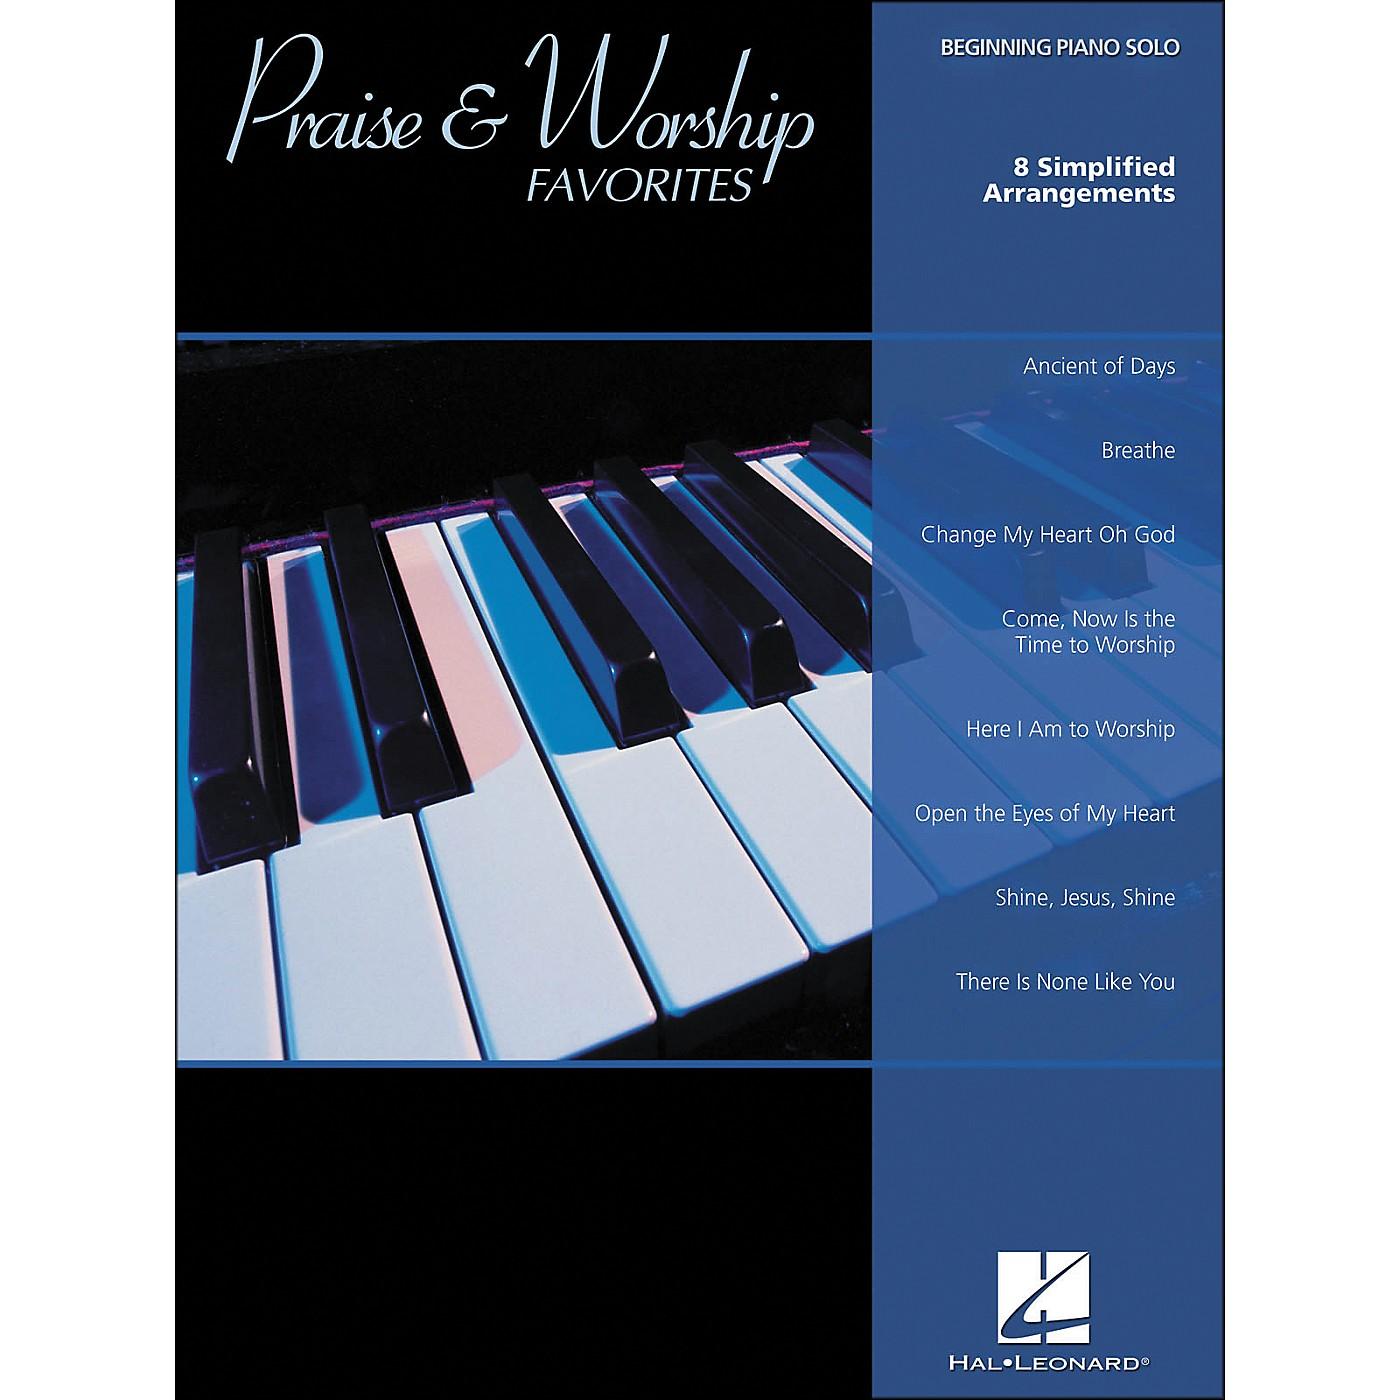 Hal Leonard Praise & Worship Favorites Beginning Piano Solo thumbnail